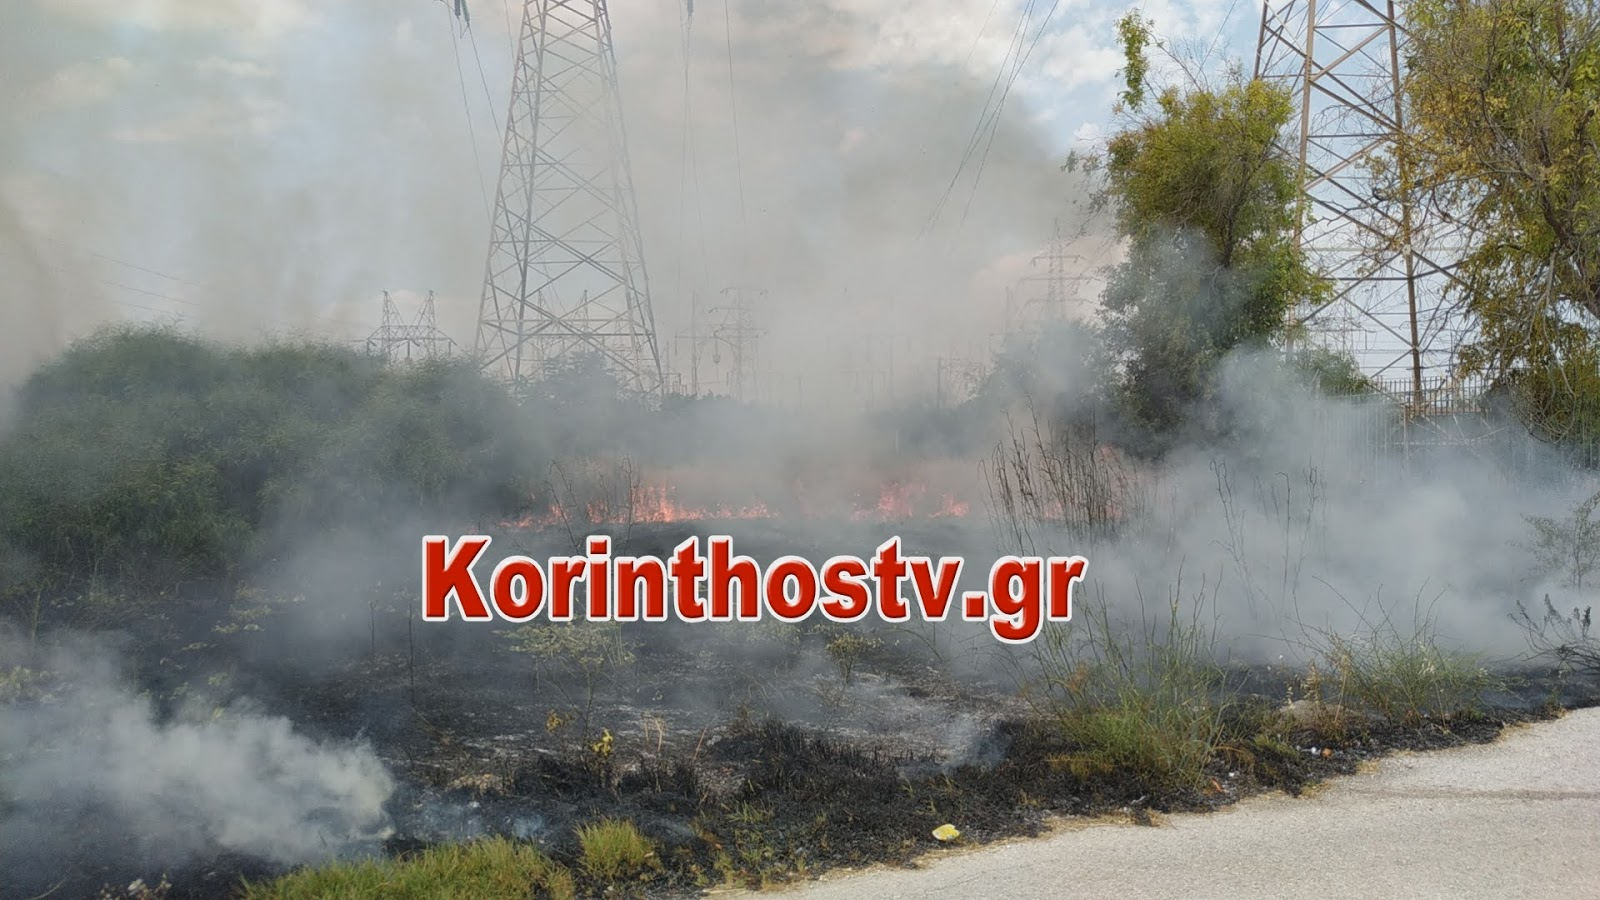 Κόρινθος: Συναγερμός για φωτιά κοντά σε σπίτια! Αυτοψία στο σημείο που επιχειρούν οι Πυροσβέστες (Βίντεο)